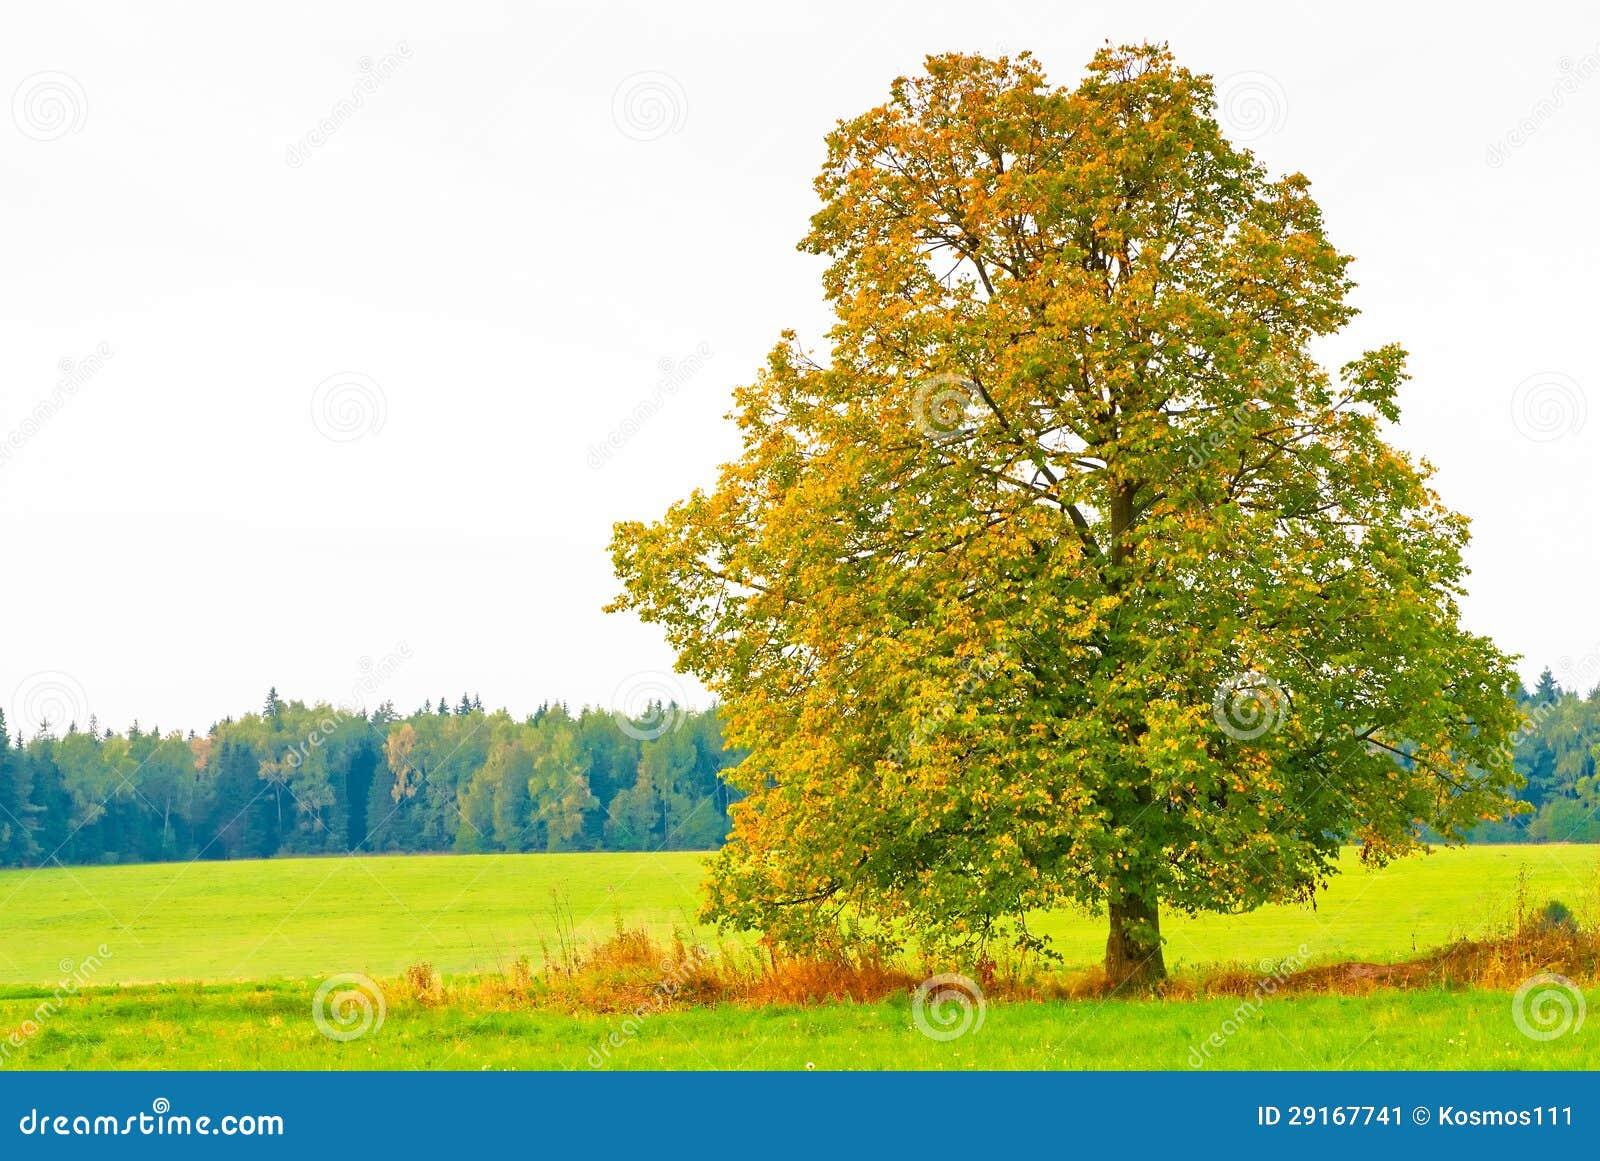 Bel arbre feuilles caduques dans un domaine image stock - Arbres a feuilles caduques ...